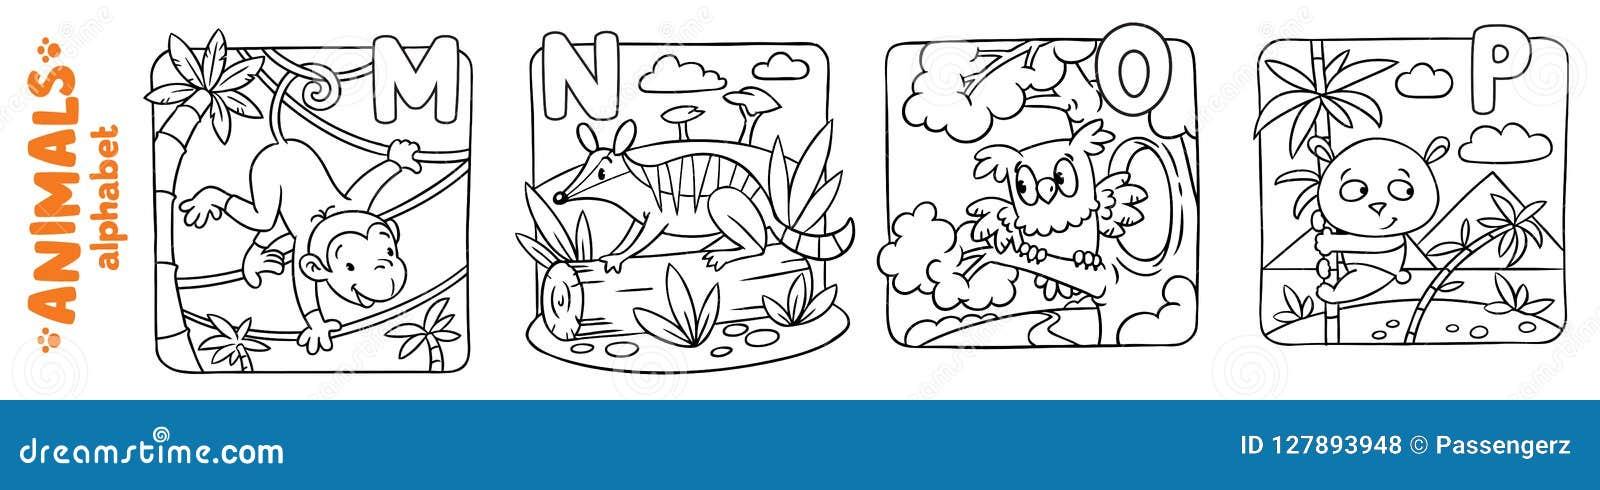 Animais Alfabeto Ou Abc Grupo Do Livro Para Colorir Ilustracao Do